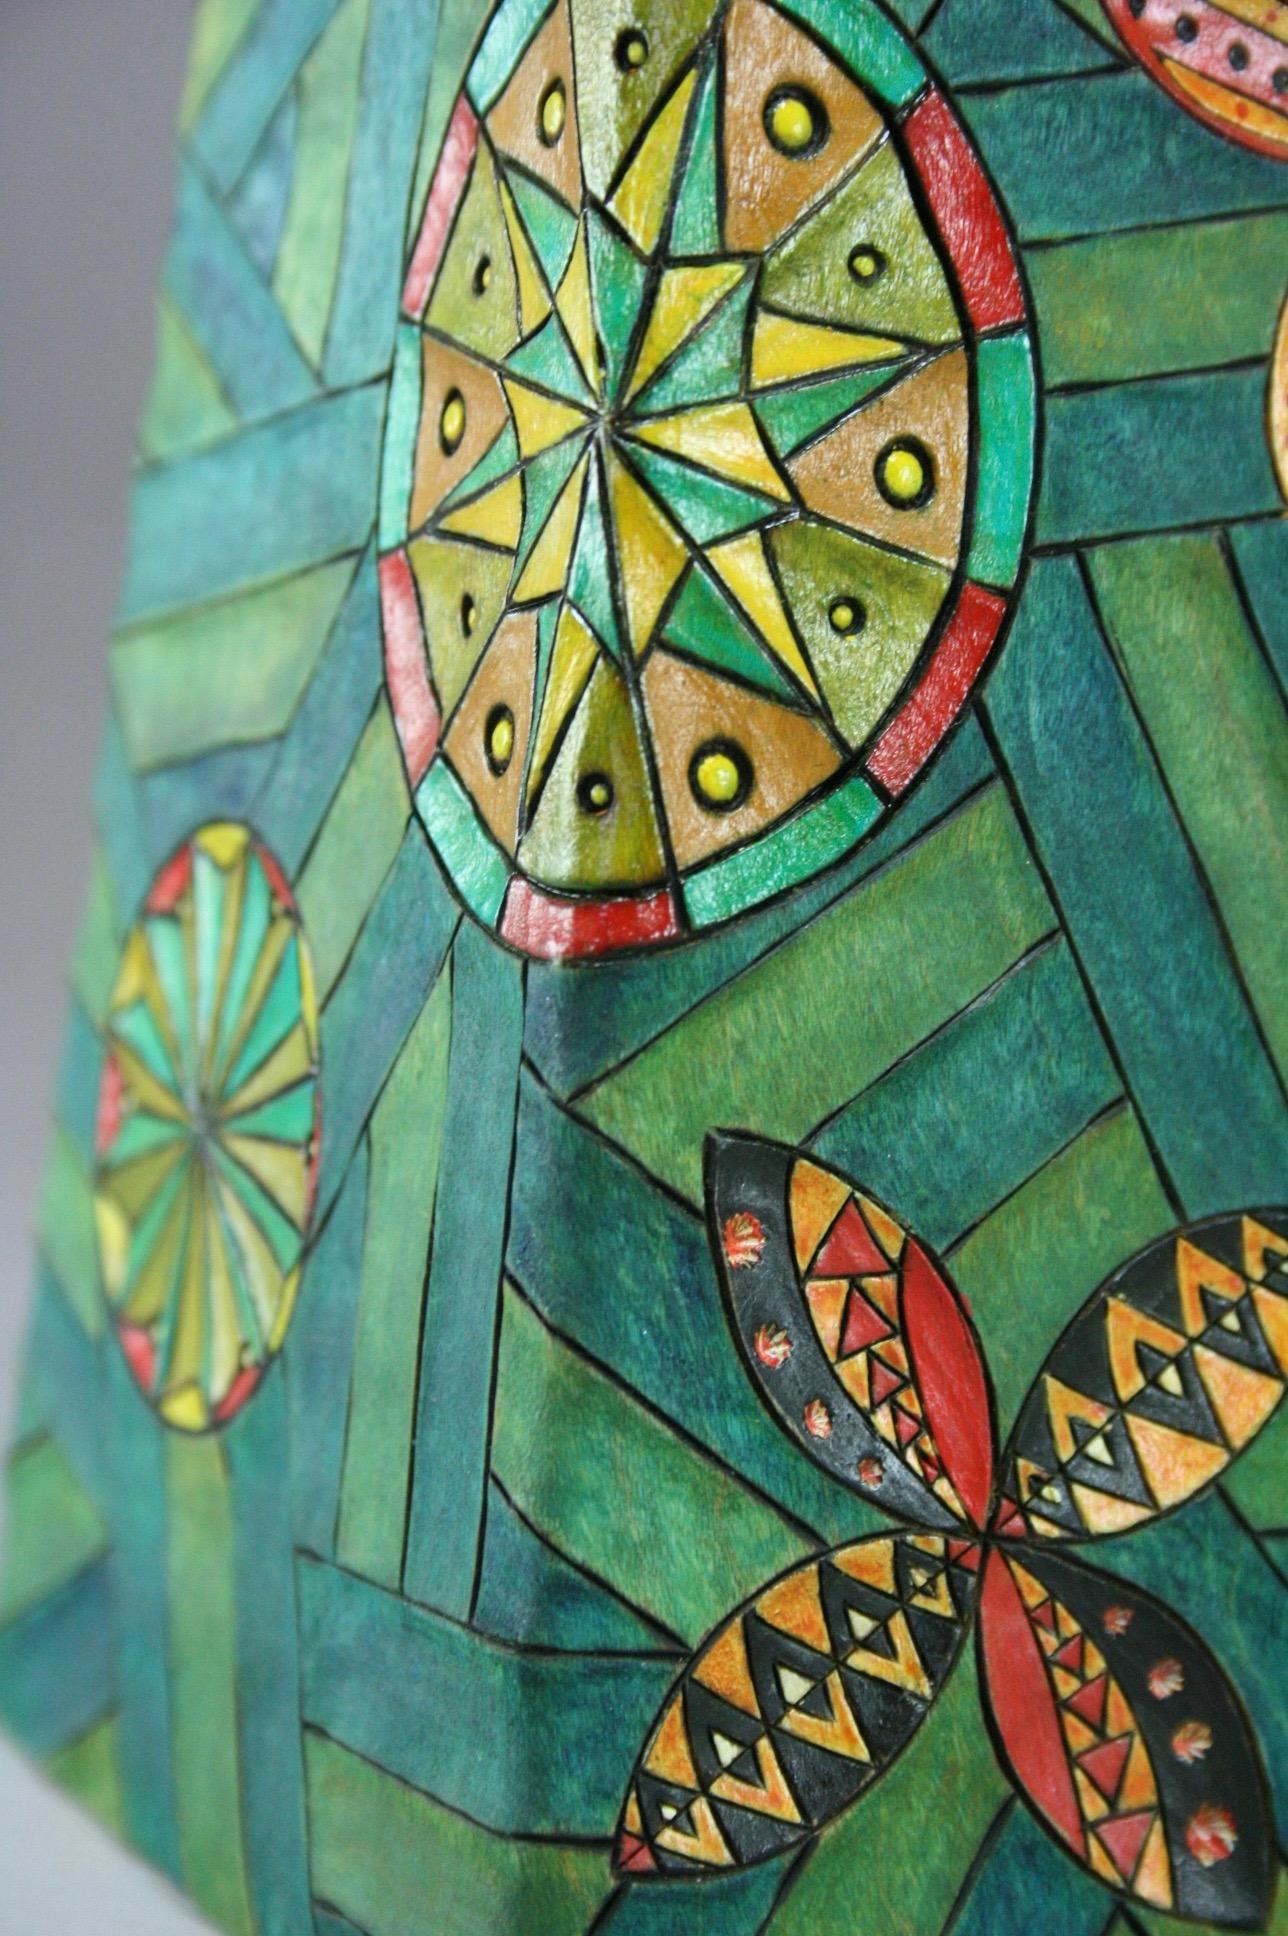 Graeme Priddle & Melissa Engler - Surface 4